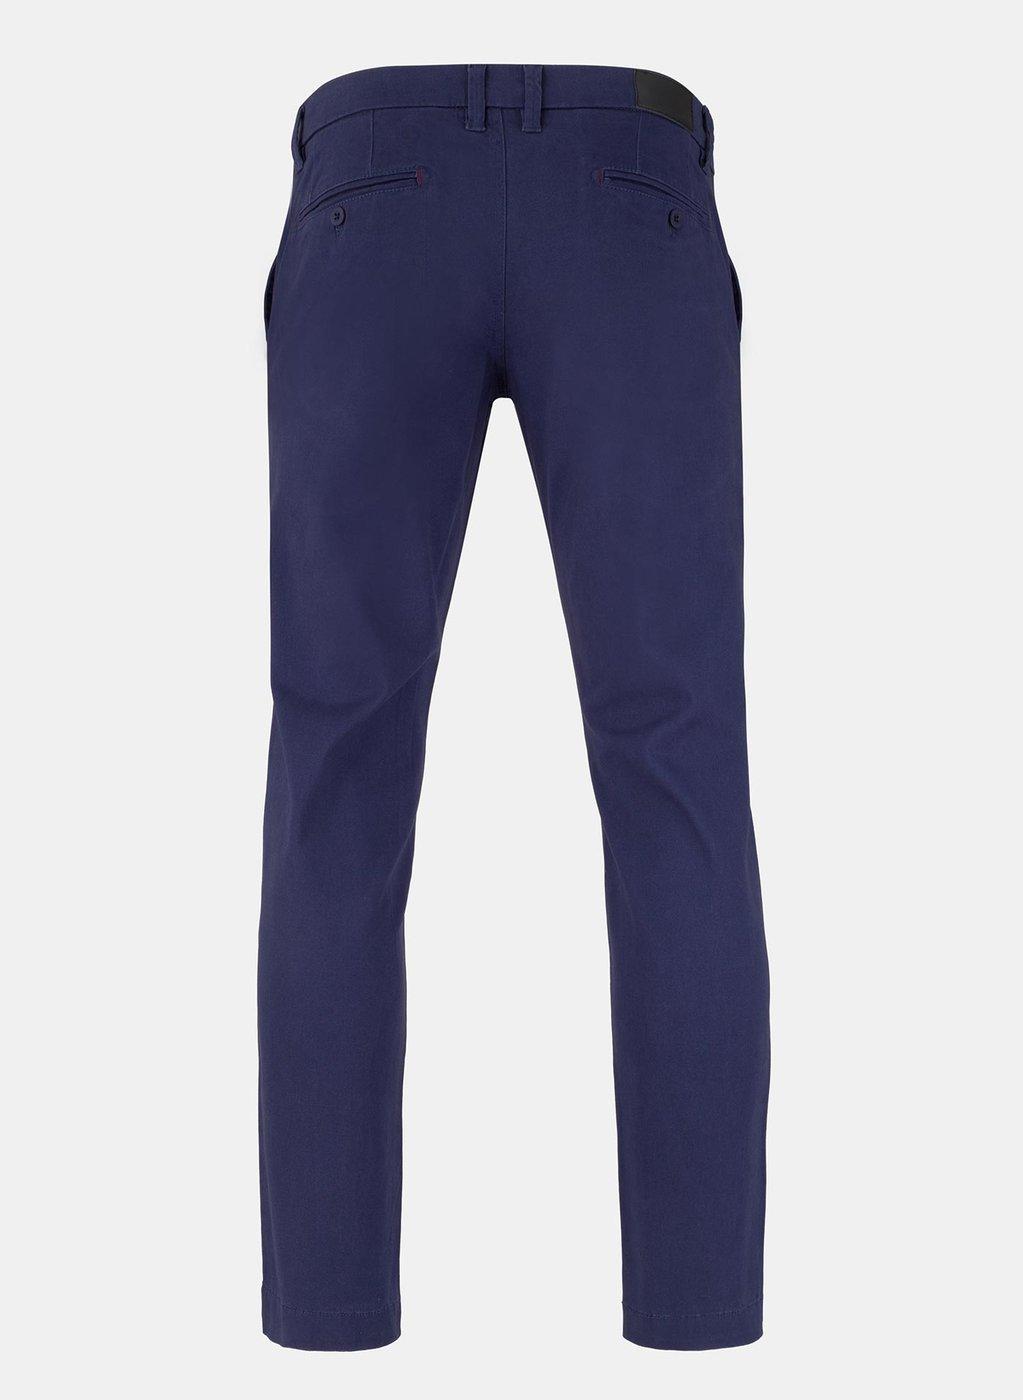 Spodnie męskie BENTON PLM-WX-191-G